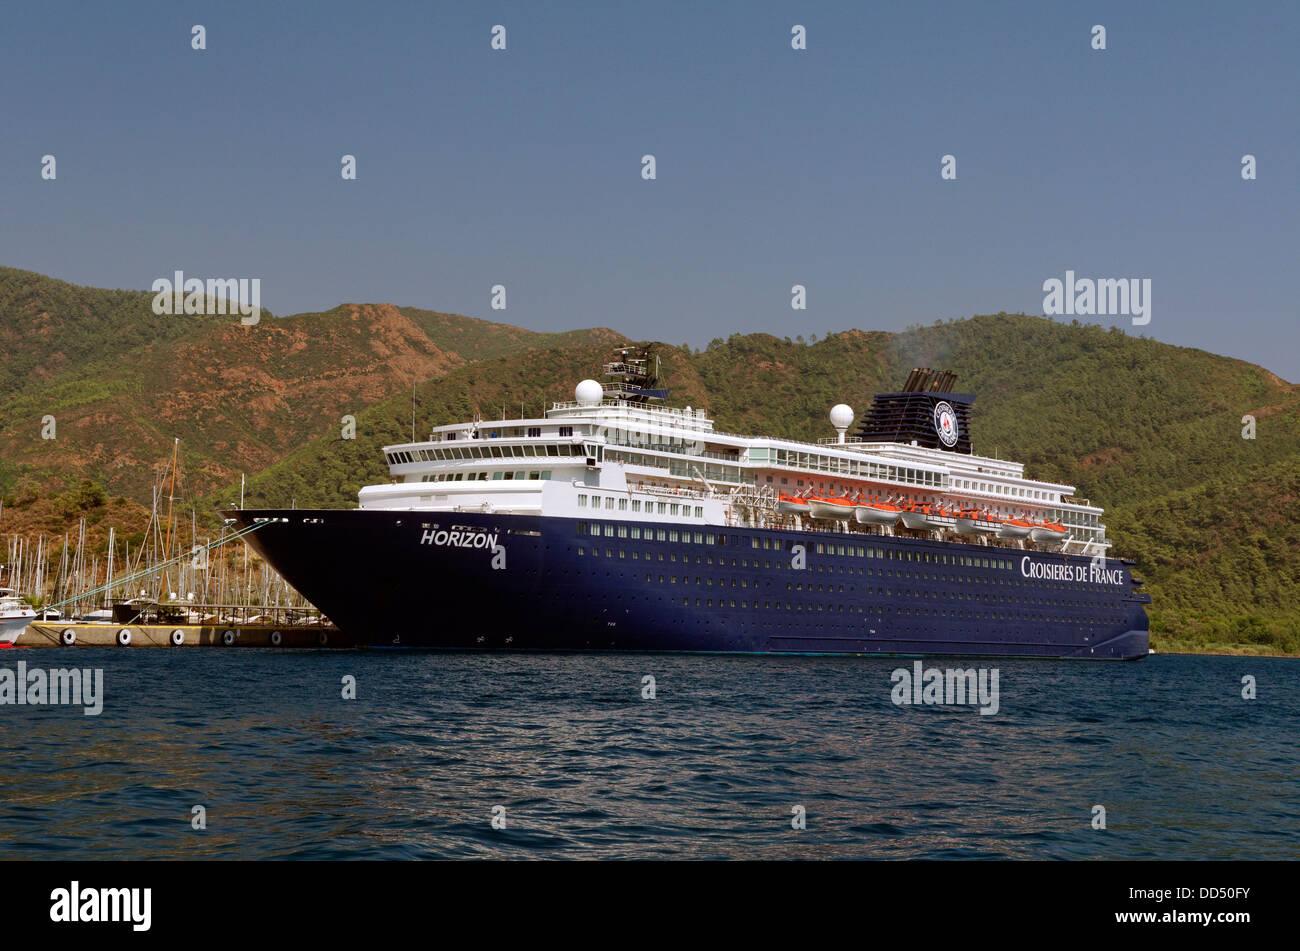 Marmaris Cruise Port, Muğla, Turquie, avec bateau de croisière 'Horizon' sur le quai Photo Stock